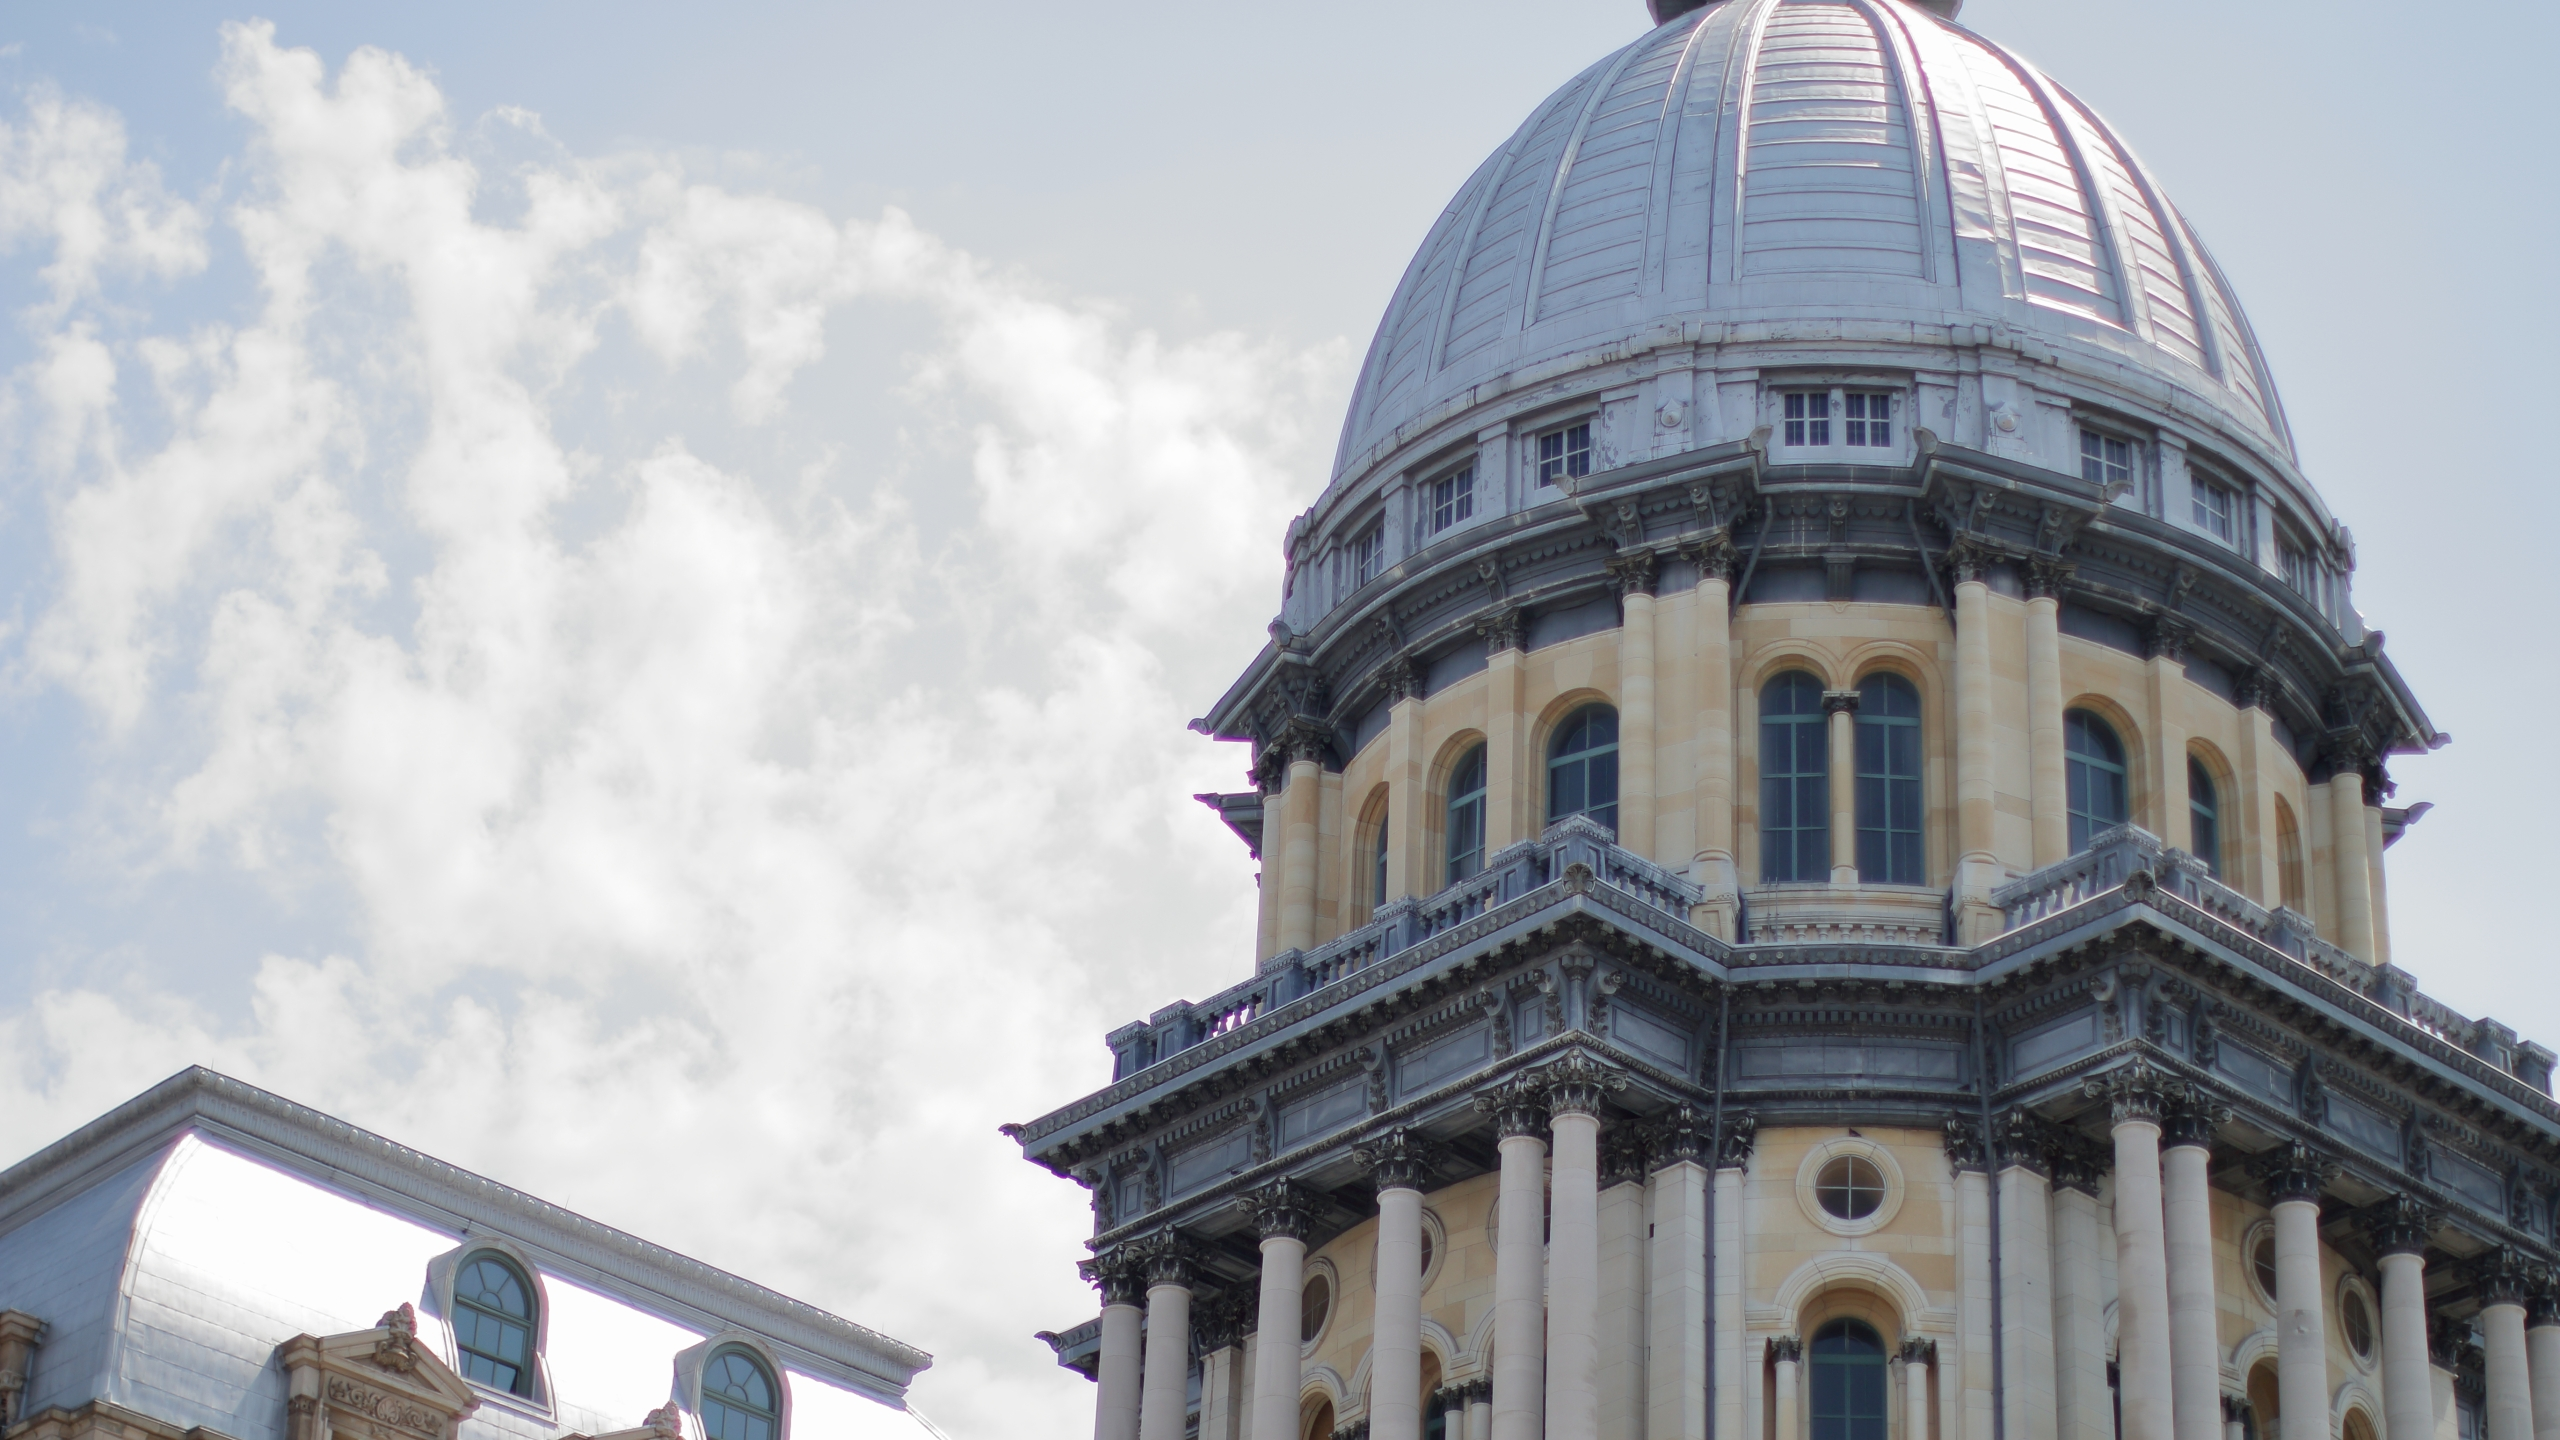 Illinois Capitol Dome